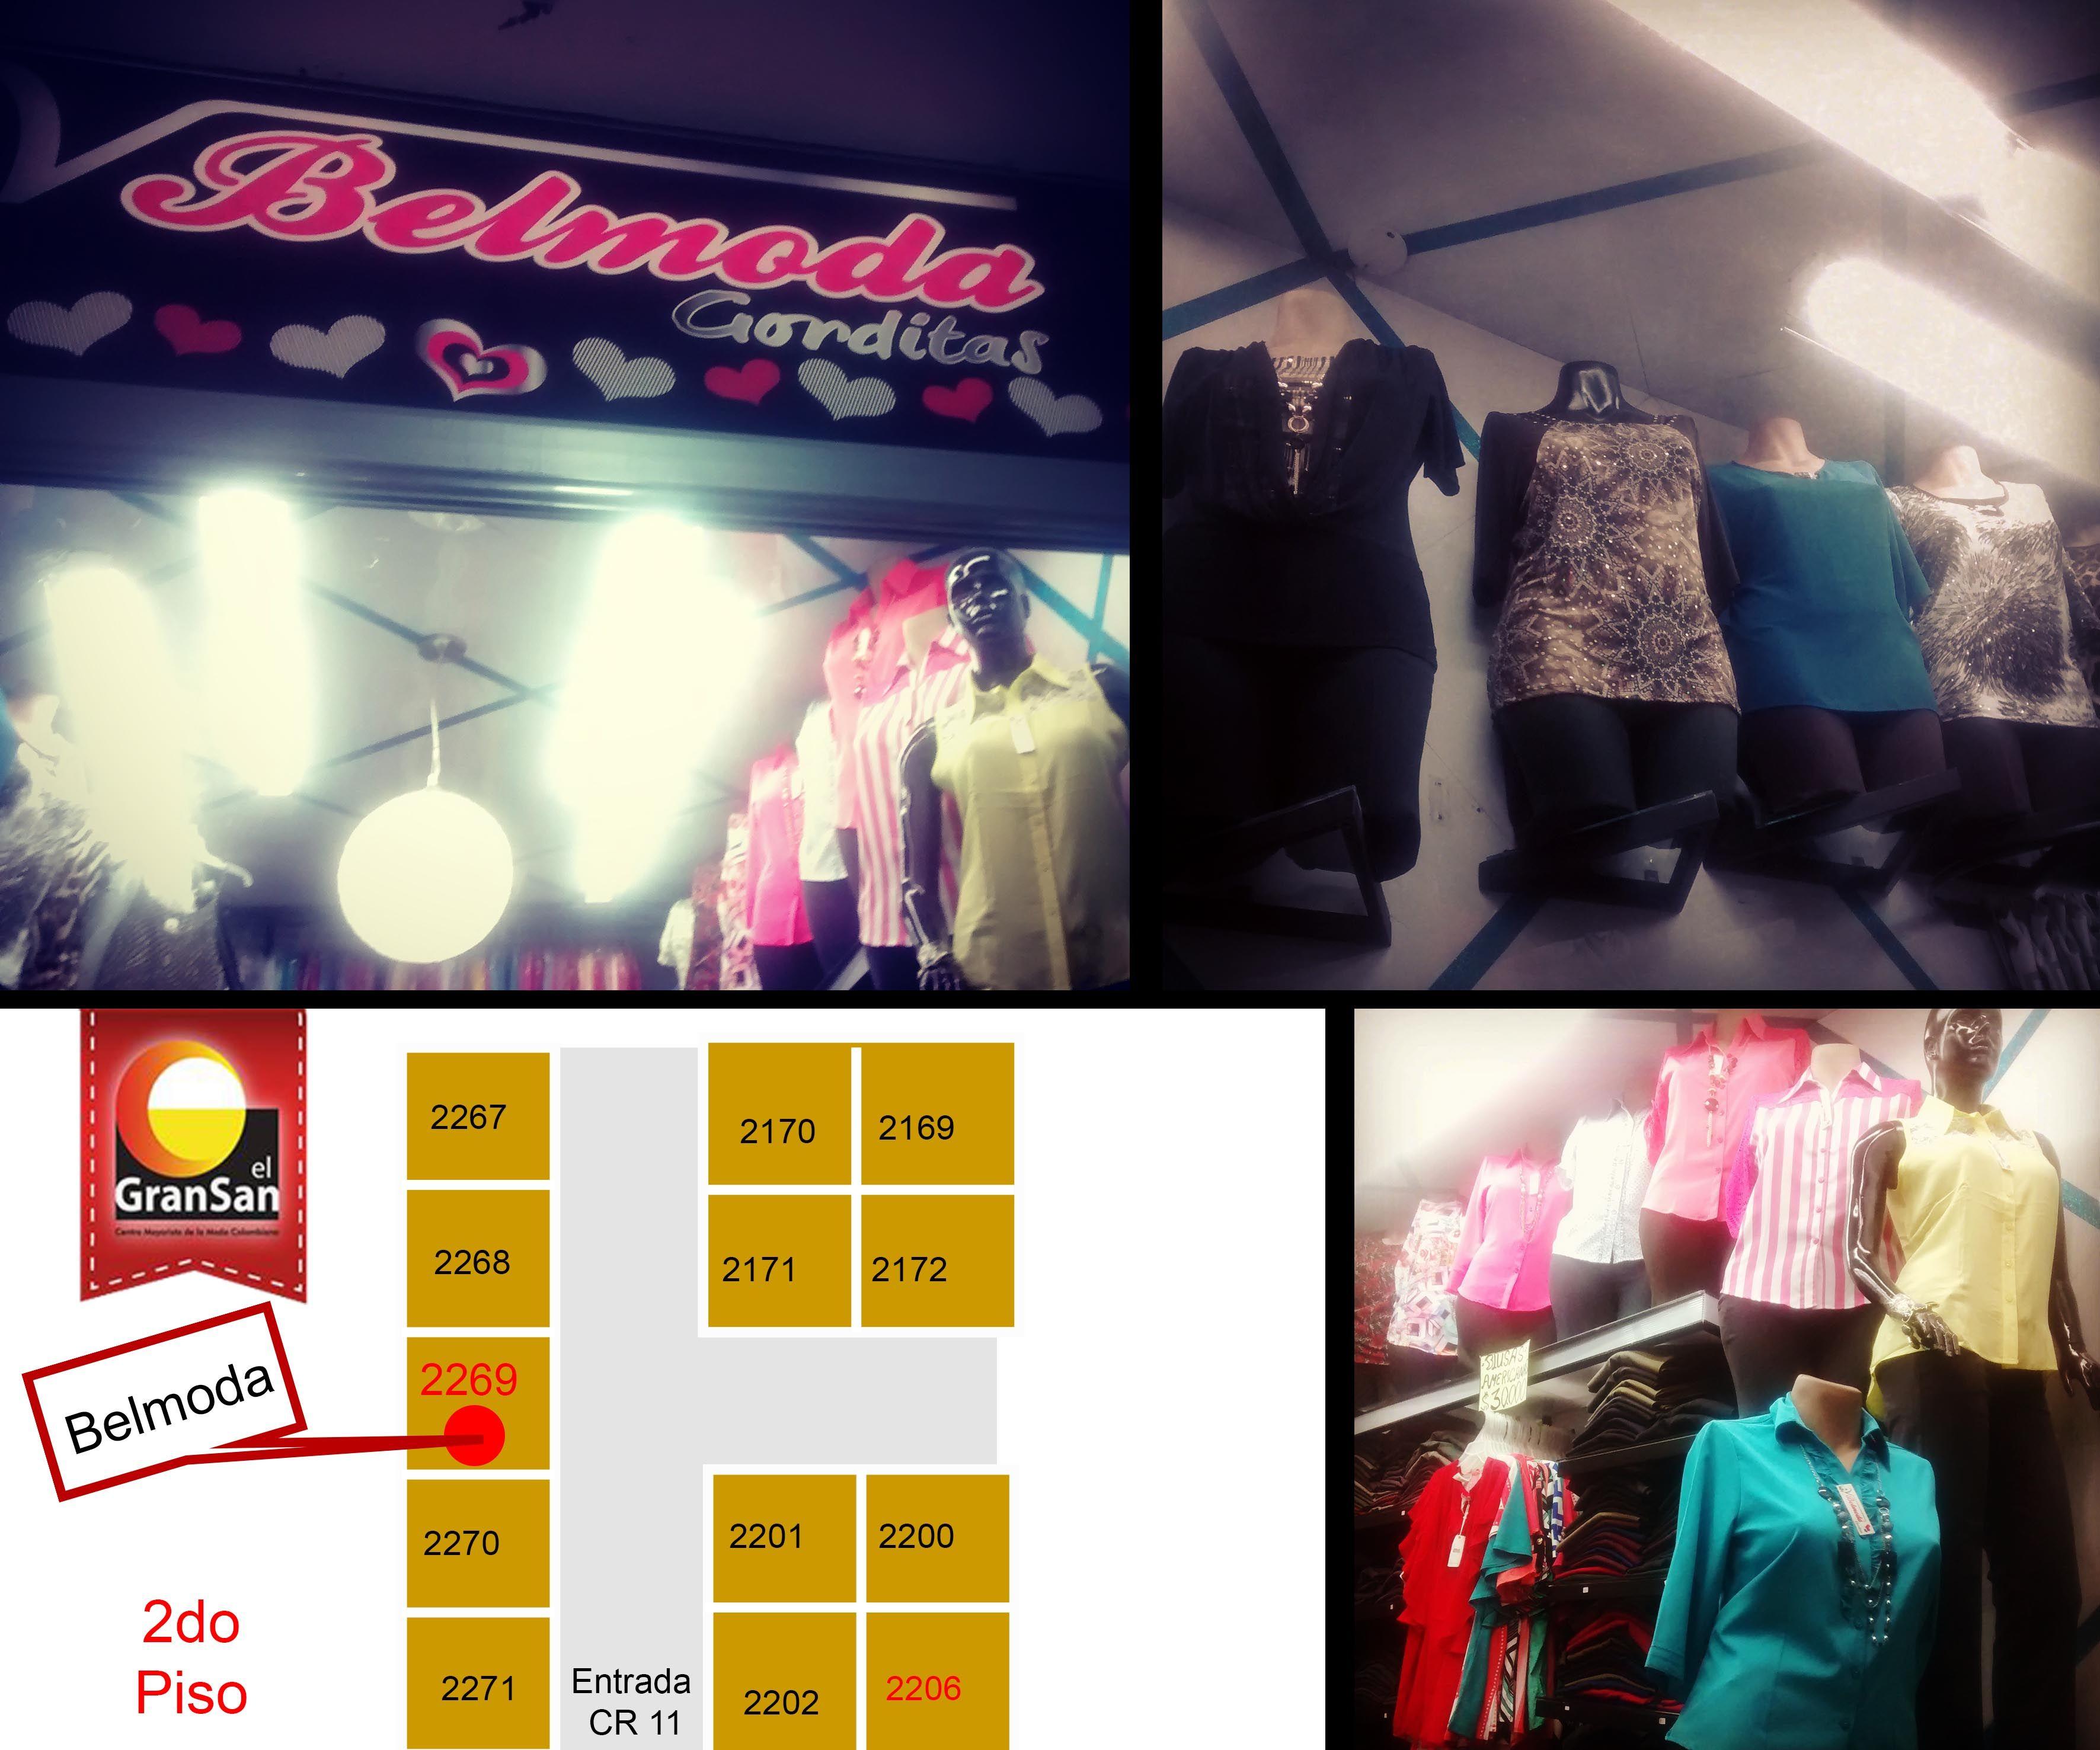 Ropa Original Todo Para Gorditas Tallas Grandes Gran Variedad De Colores Visitanos En El Gransan Local 2269 Tel 352 1257 Ropa Marca De Moda Pronto Moda